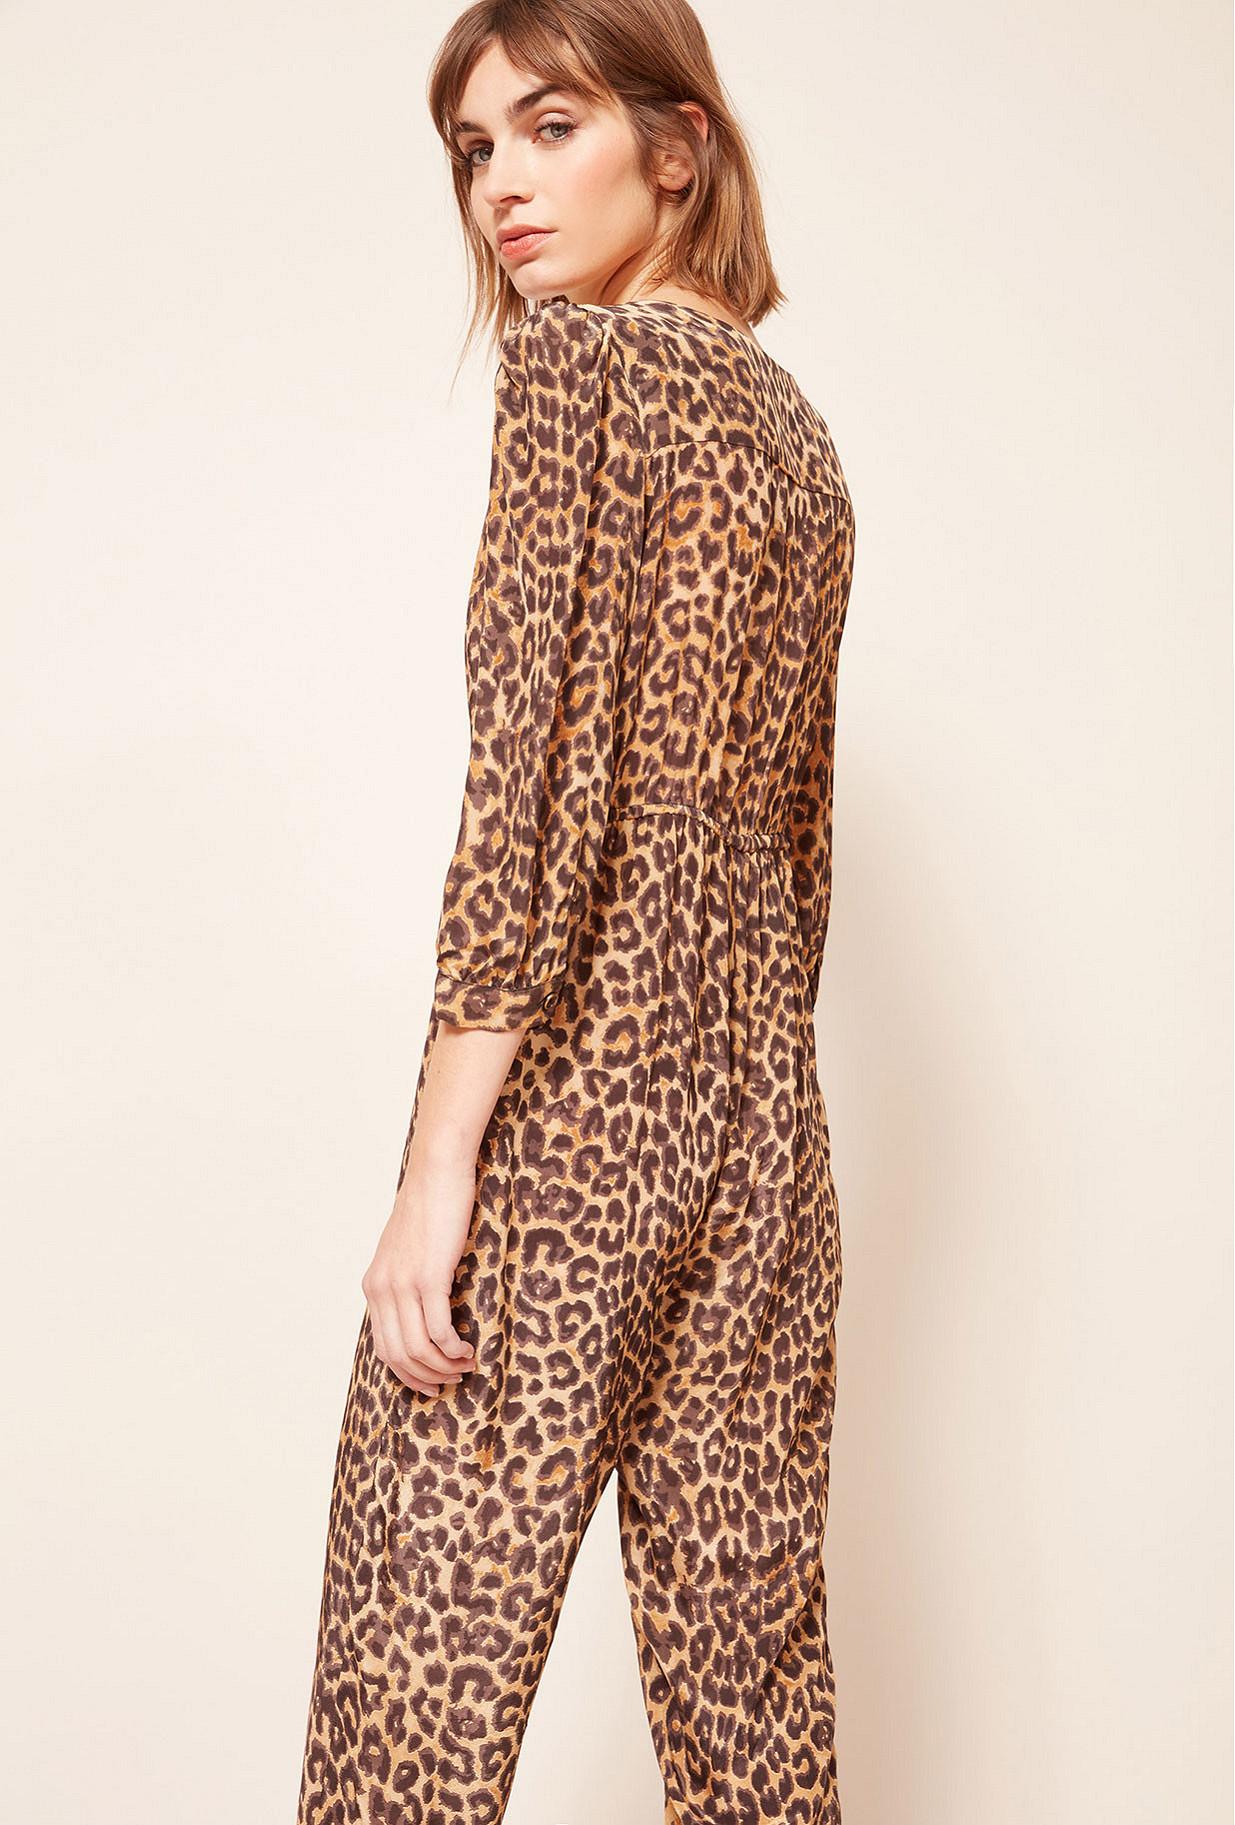 Paris boutique de mode vêtement Combinaison créateur bohème  Slash